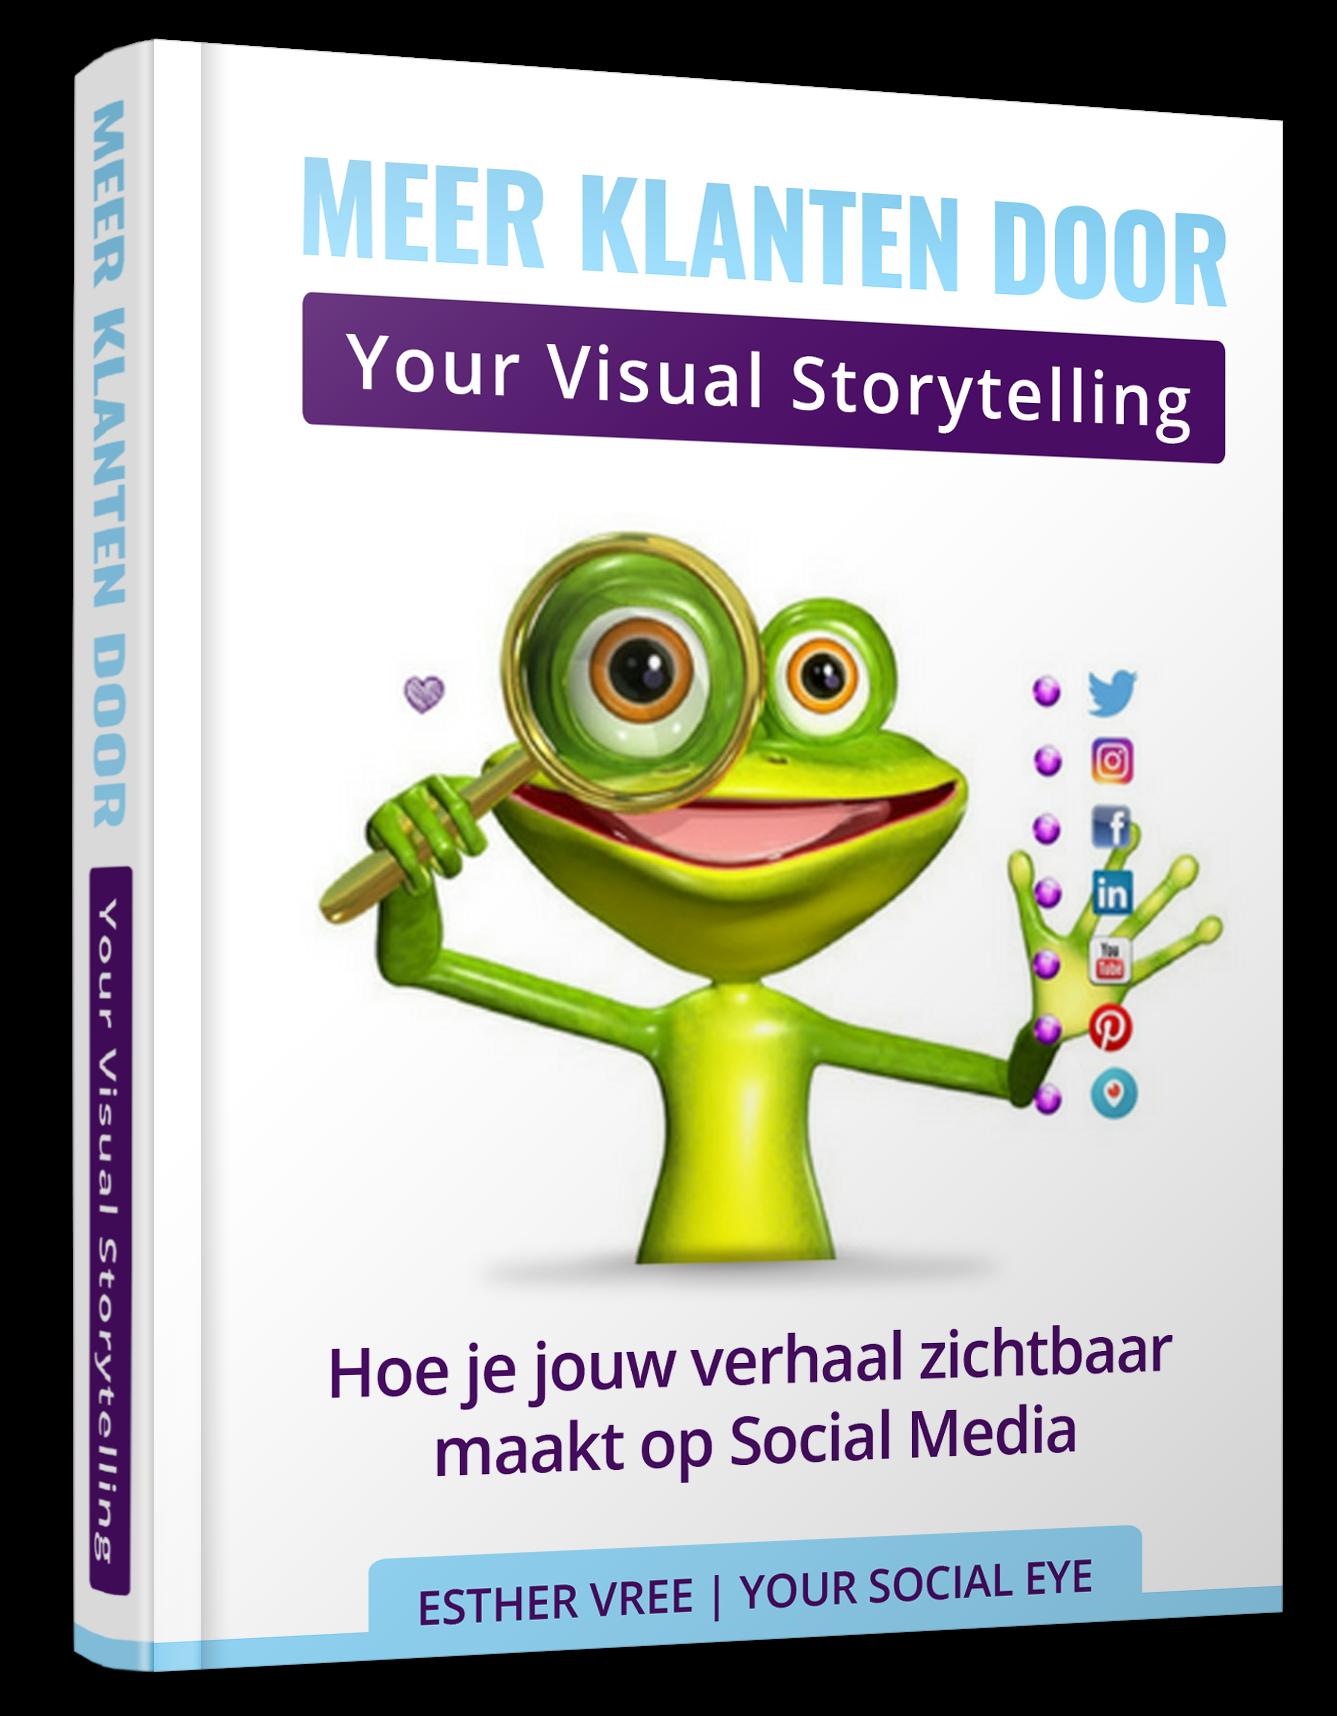 Meer klanten door Your Visual Storytelling